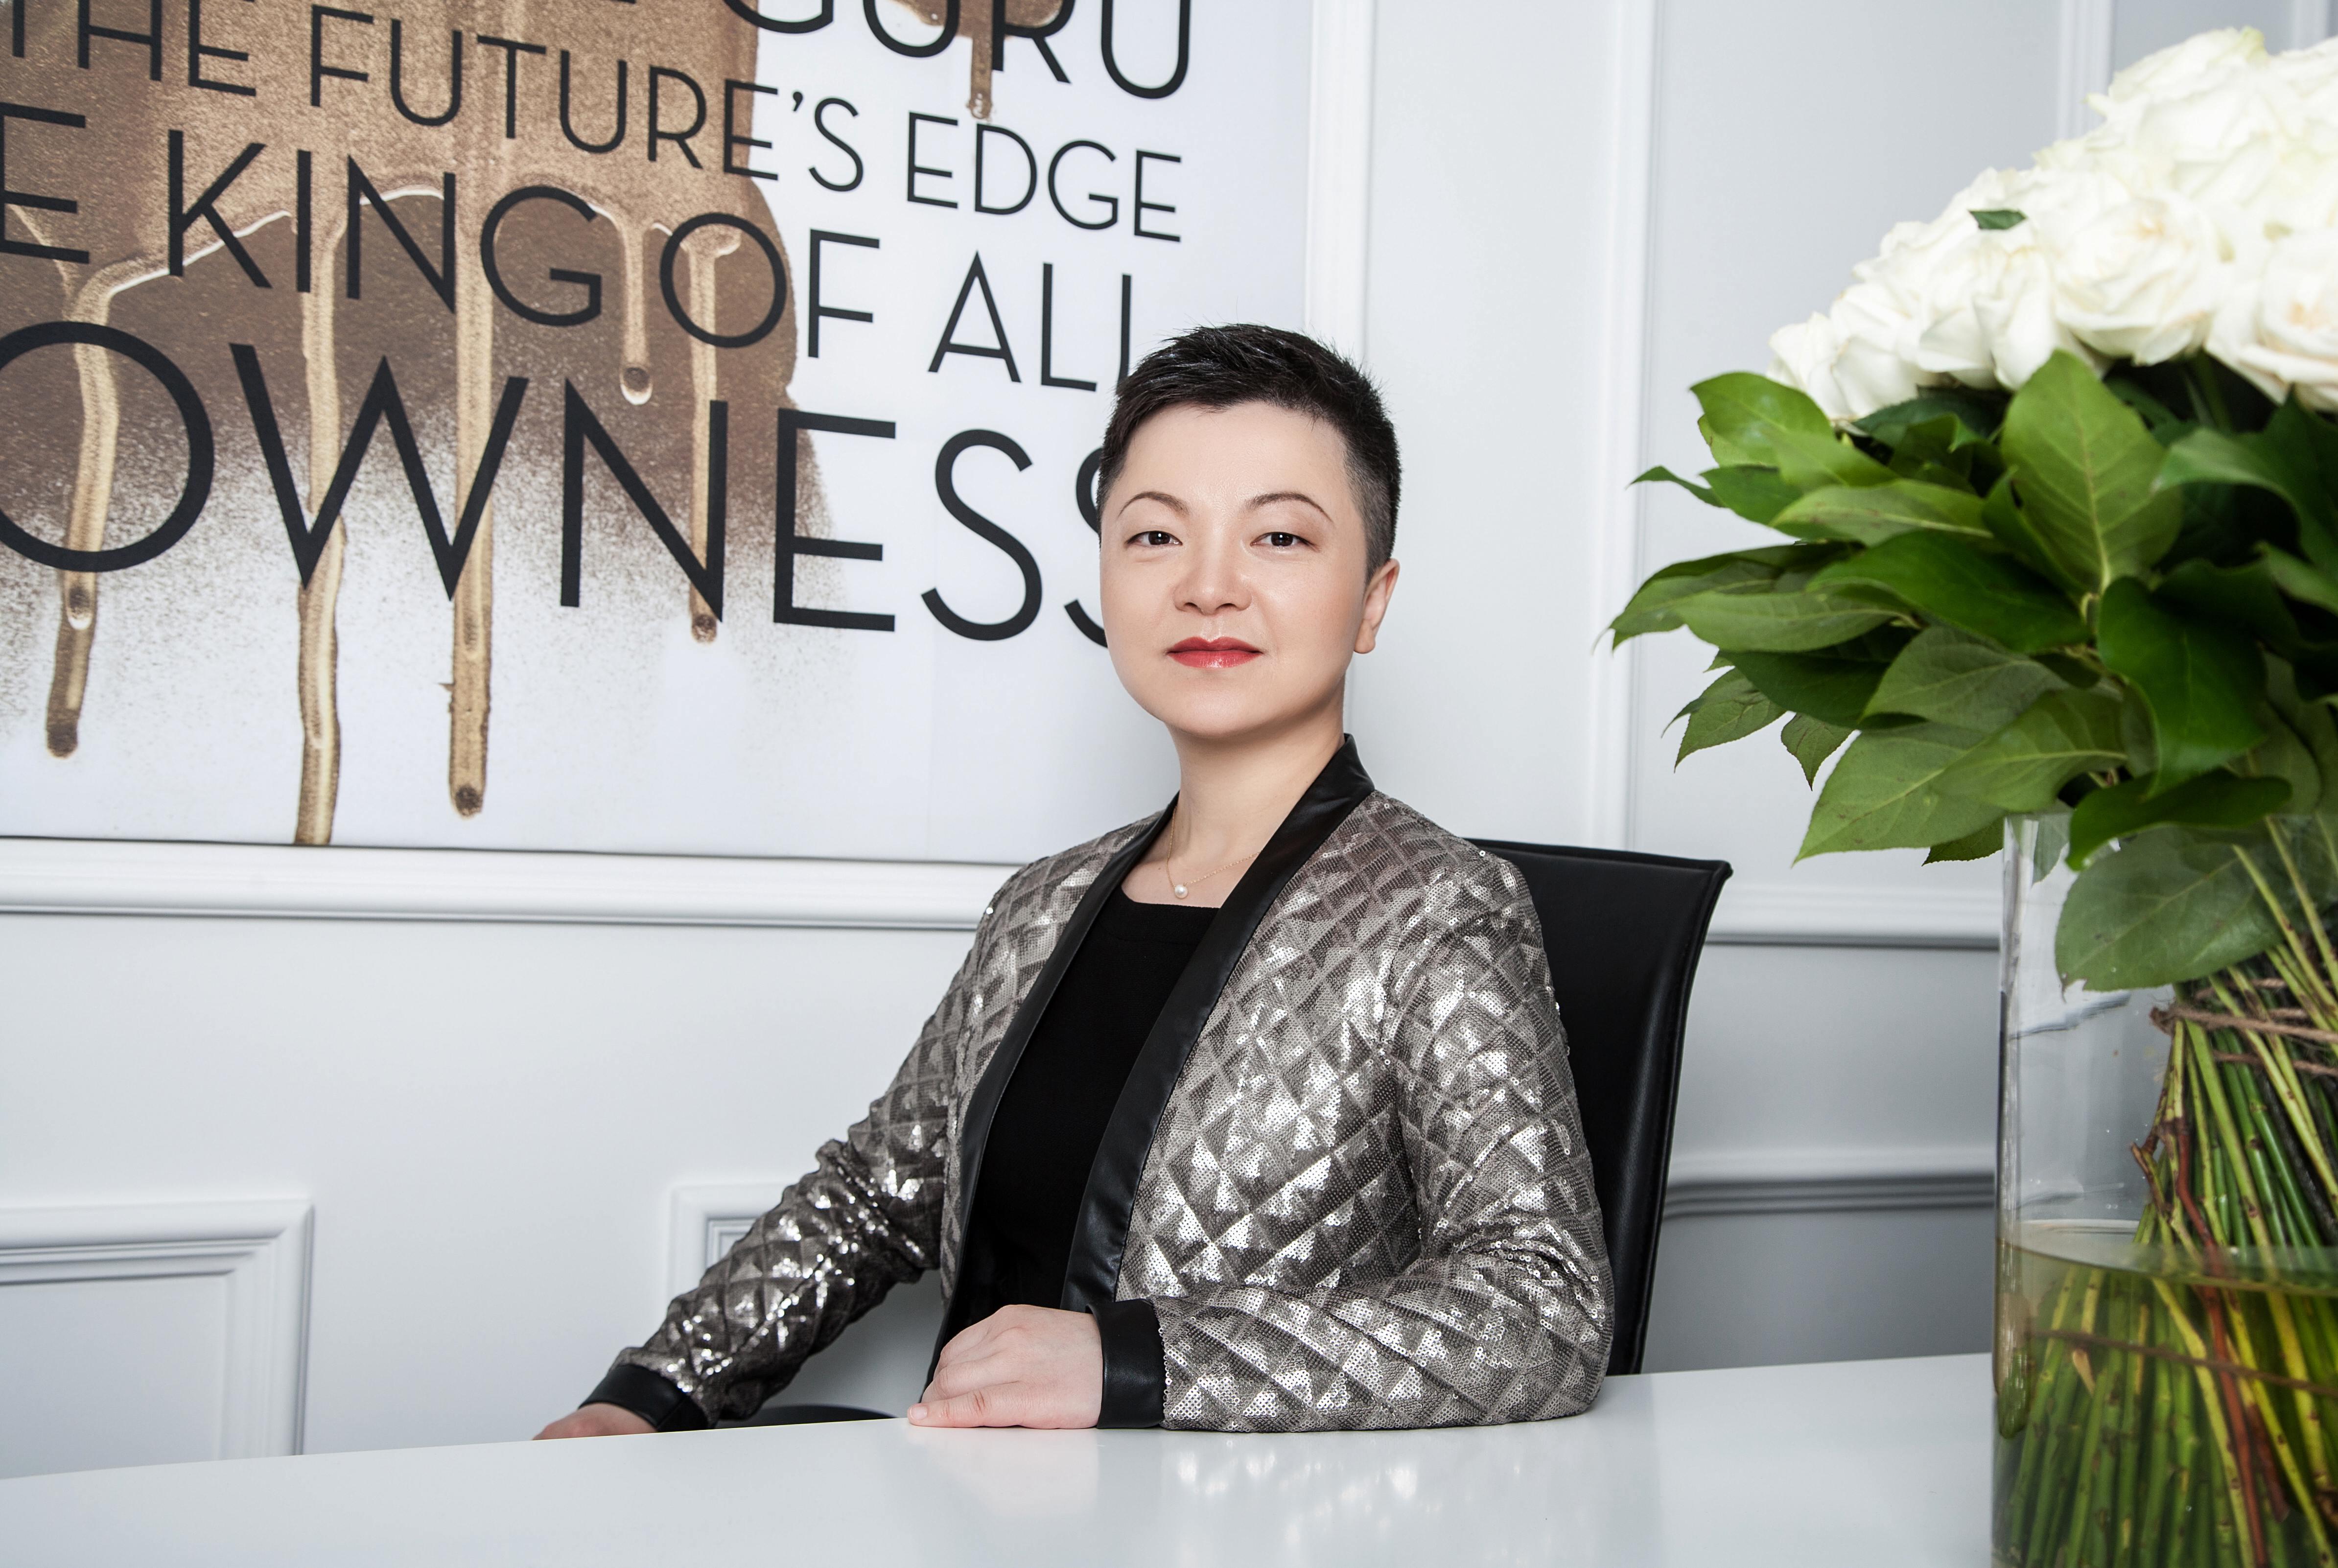 如何把时尚界最强IP打造成新一代轻奢品牌《华丽志》对话KARL LAGERFELD大中华区CEO张炯女士